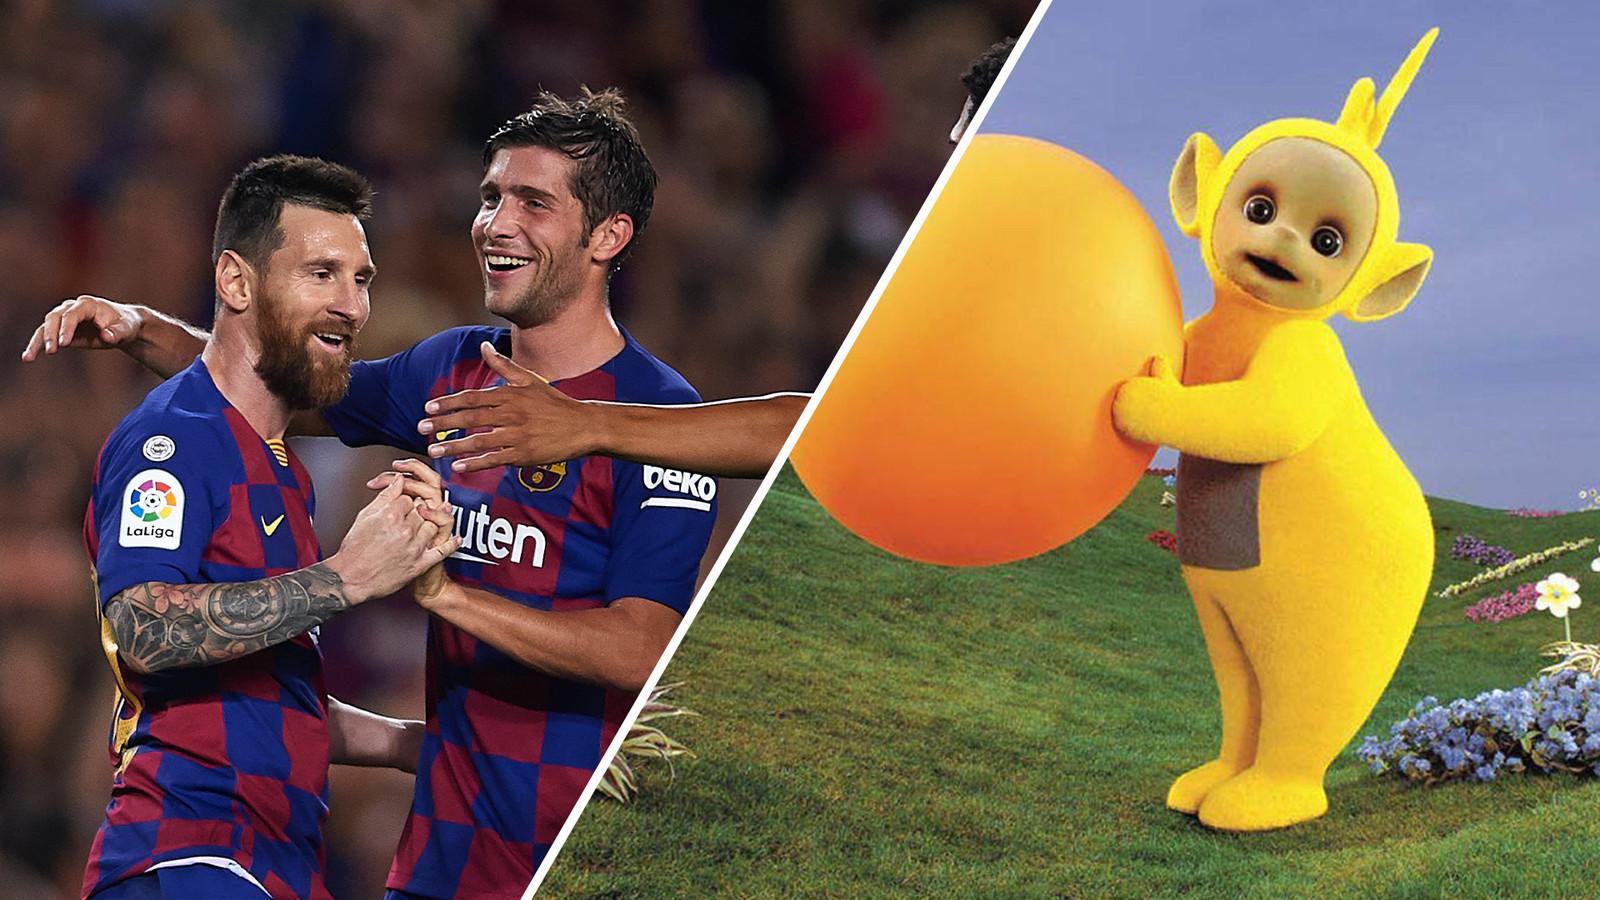 Teletubbies en FC Barcelona. Het vergelijkingsmateriaal van Johan Strouken